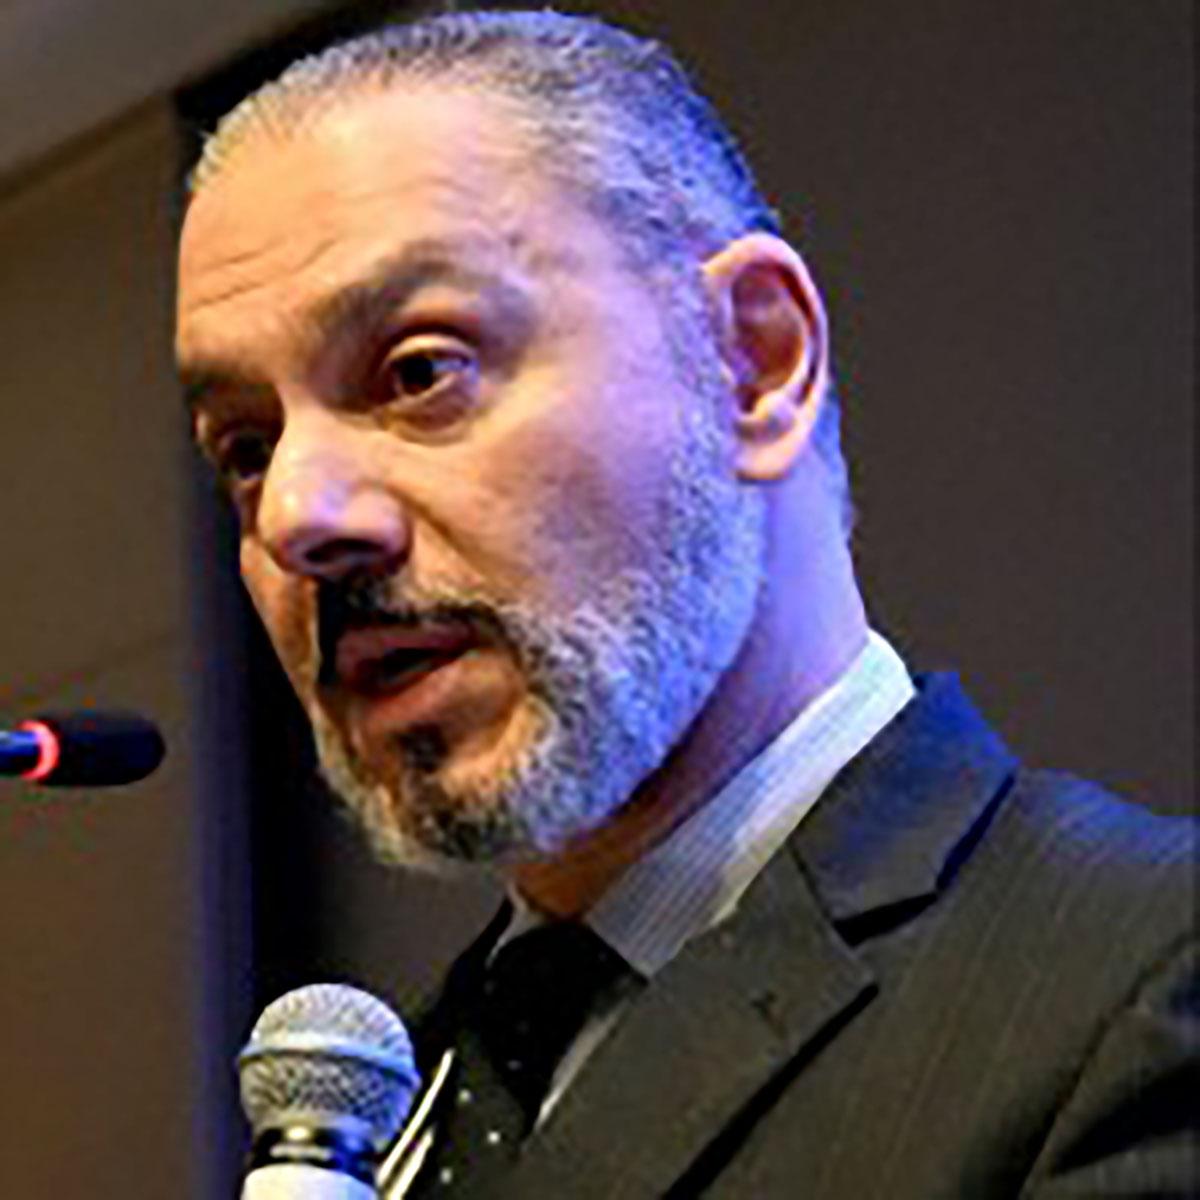 Dr. Ricardo Tavares de Carvalho